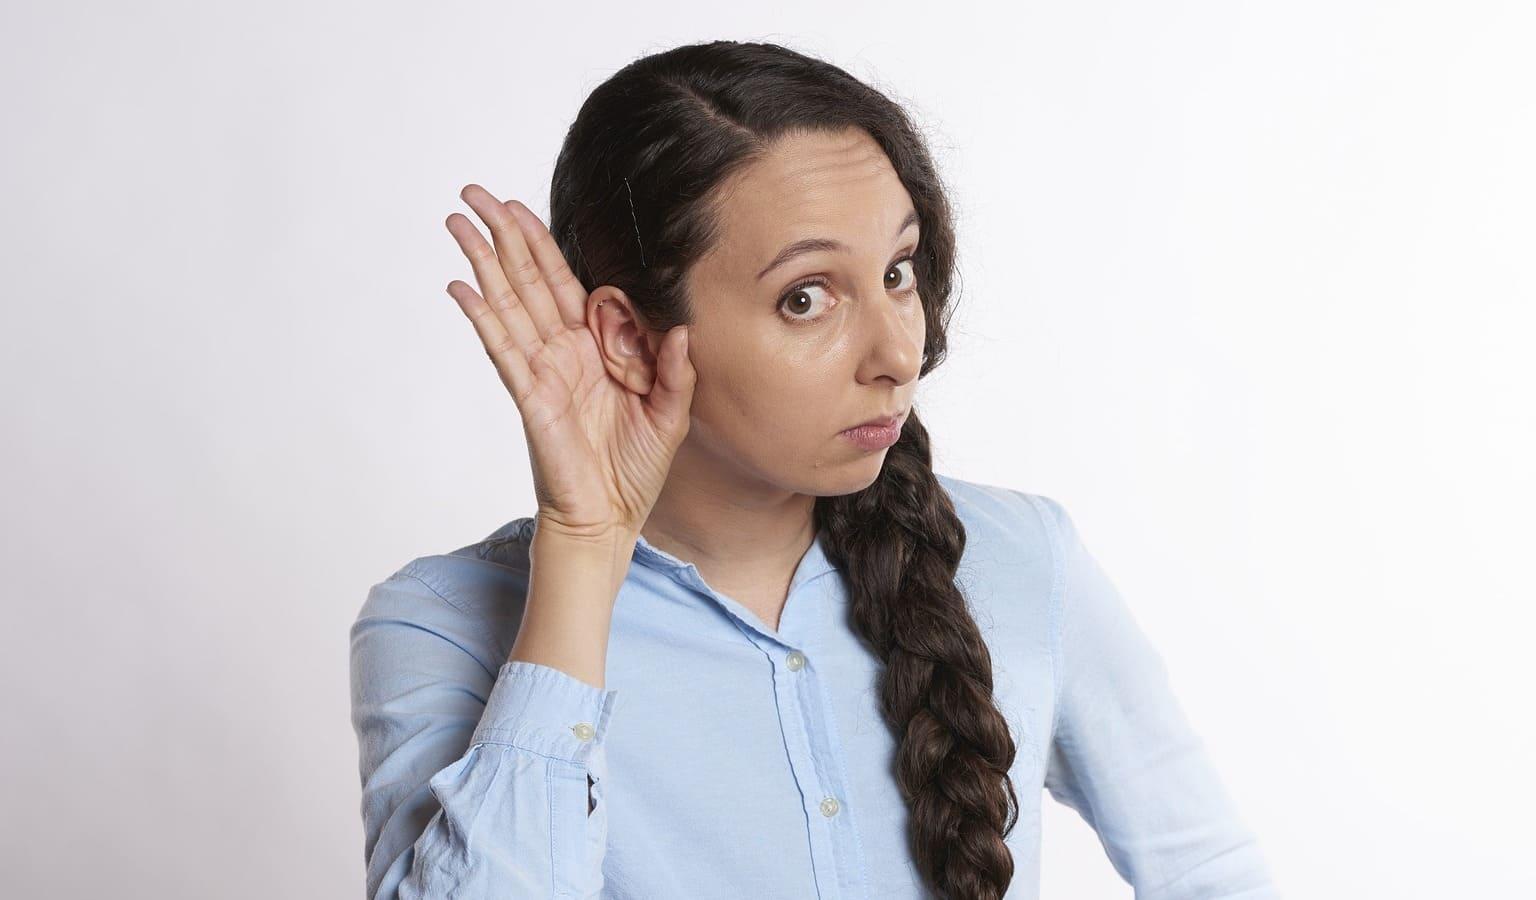 Femme avec des oreilles